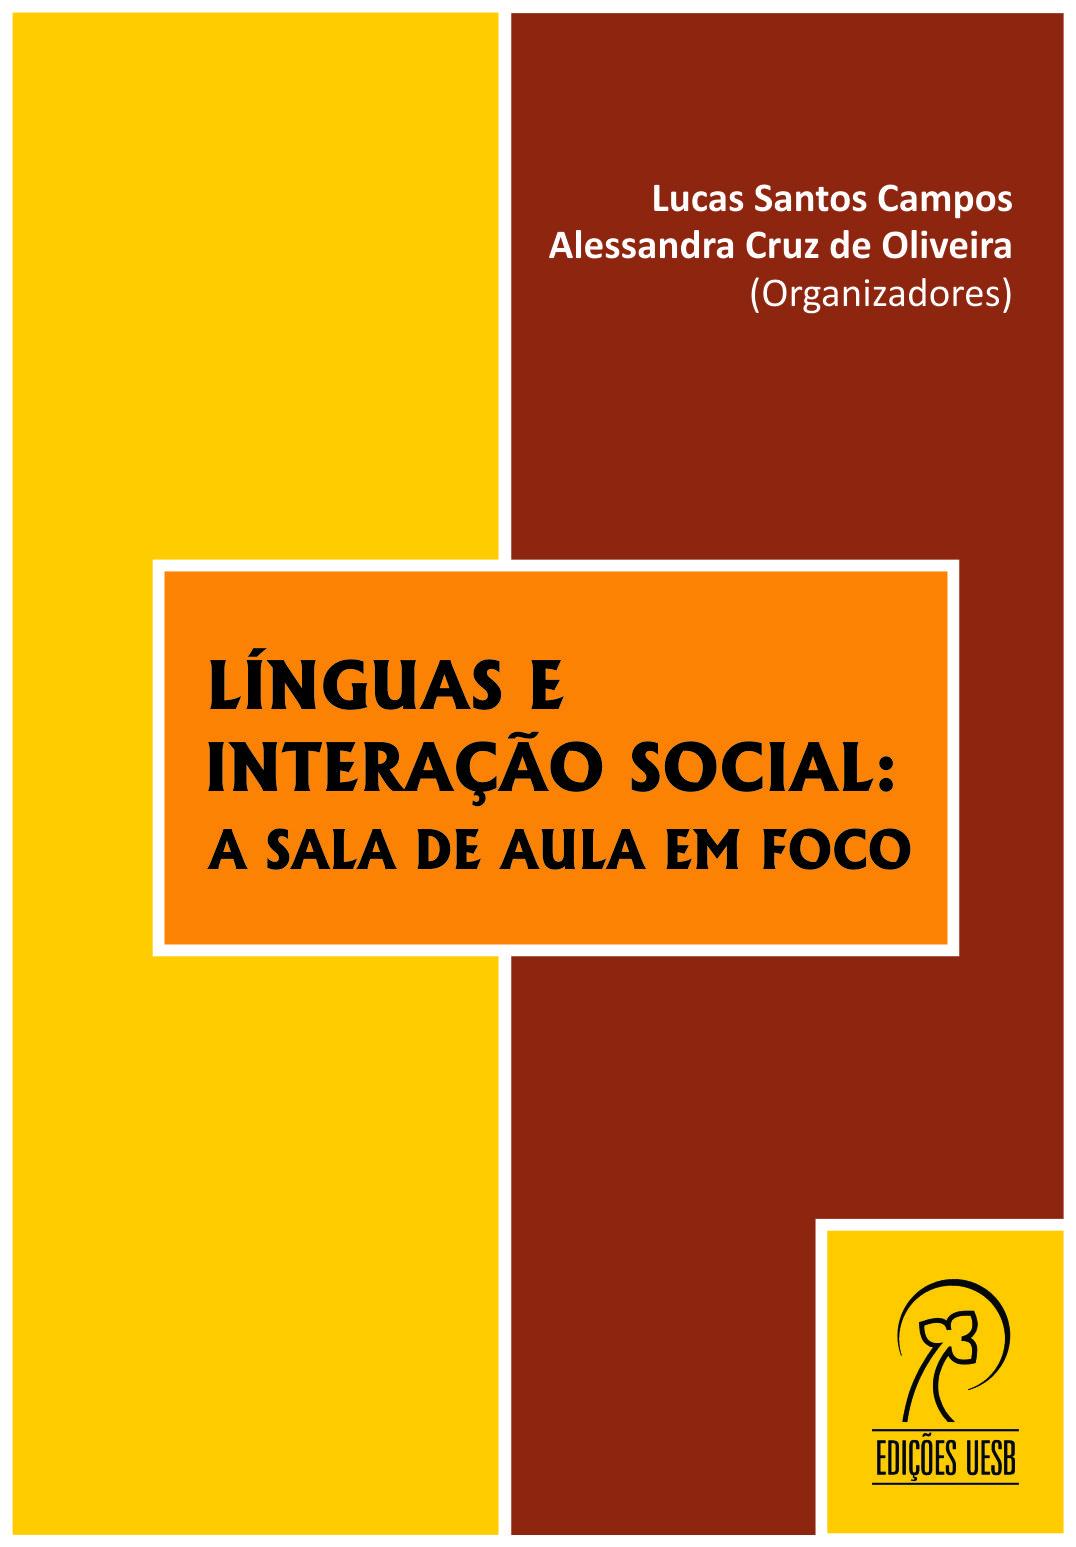 Línguas e interação social: a sala de aula em foco